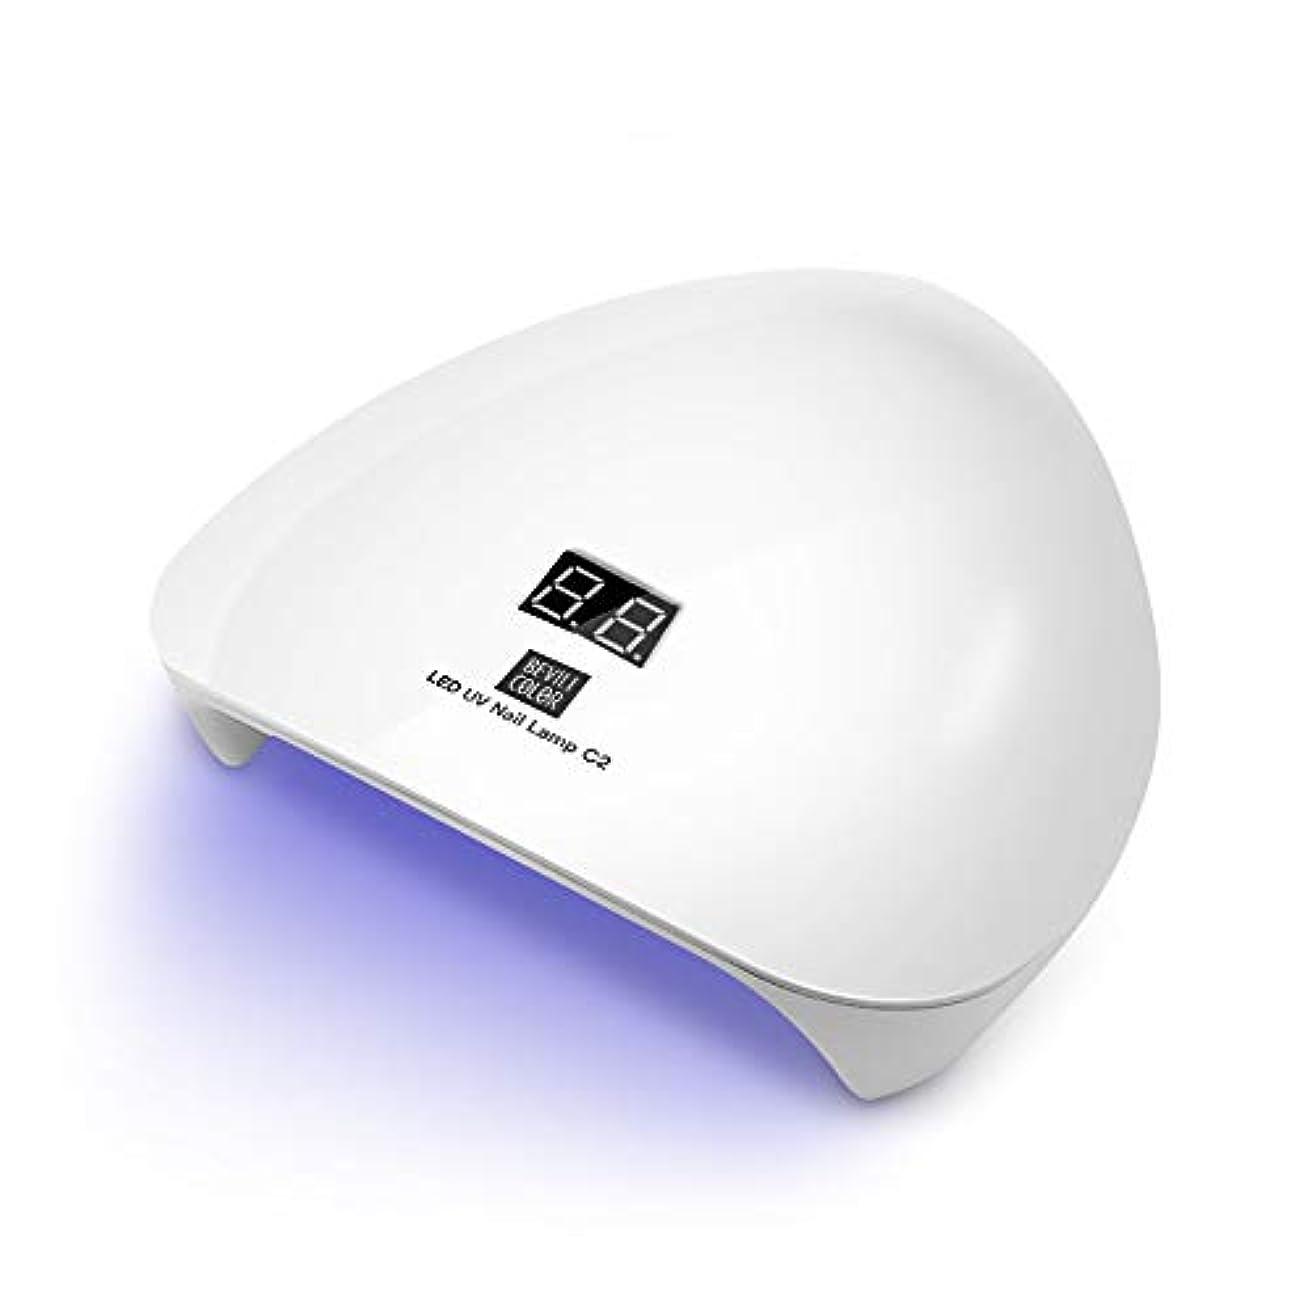 フロントありそう不透明なLEDネイルドライヤー UVライト 45W ハイパワー LED硬化ライト自動センサー 15LED 高速硬化 2019最新版 ジェルネイルライトUVとLEDダブルライト ジェルネイル用 (ホワイト)